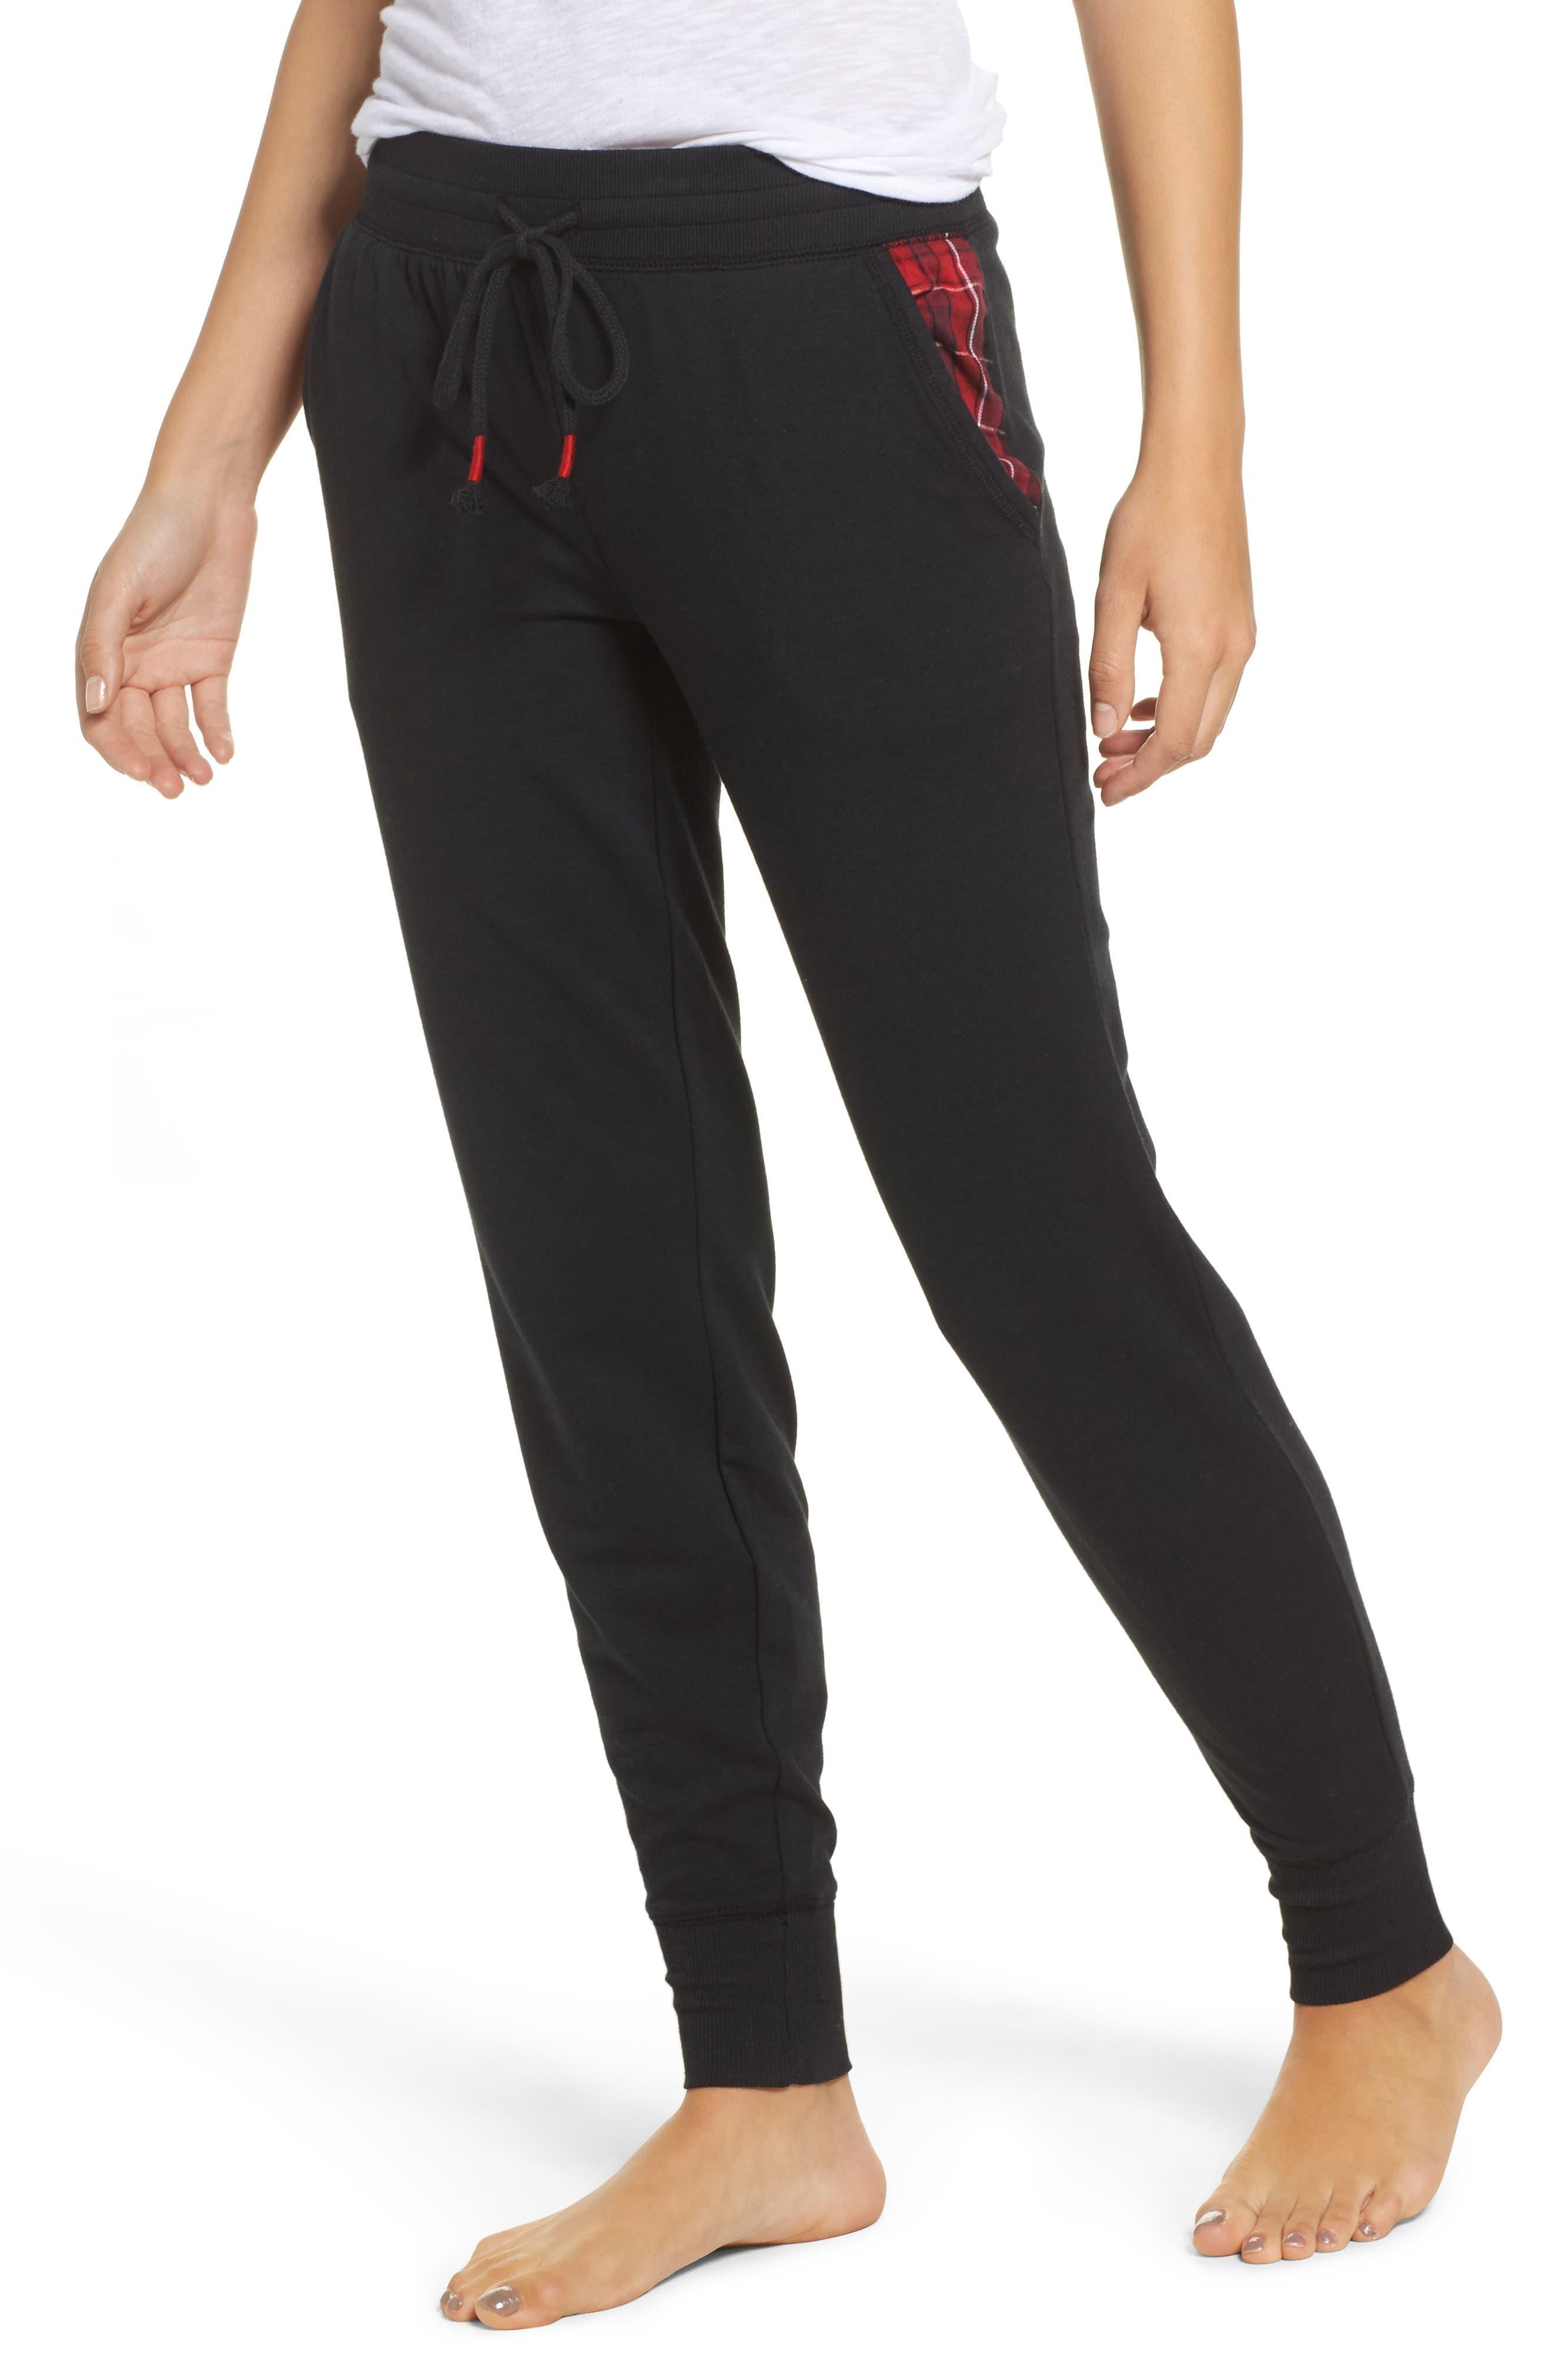 Lounge Jogger Pants,                         Main,                         color, Black